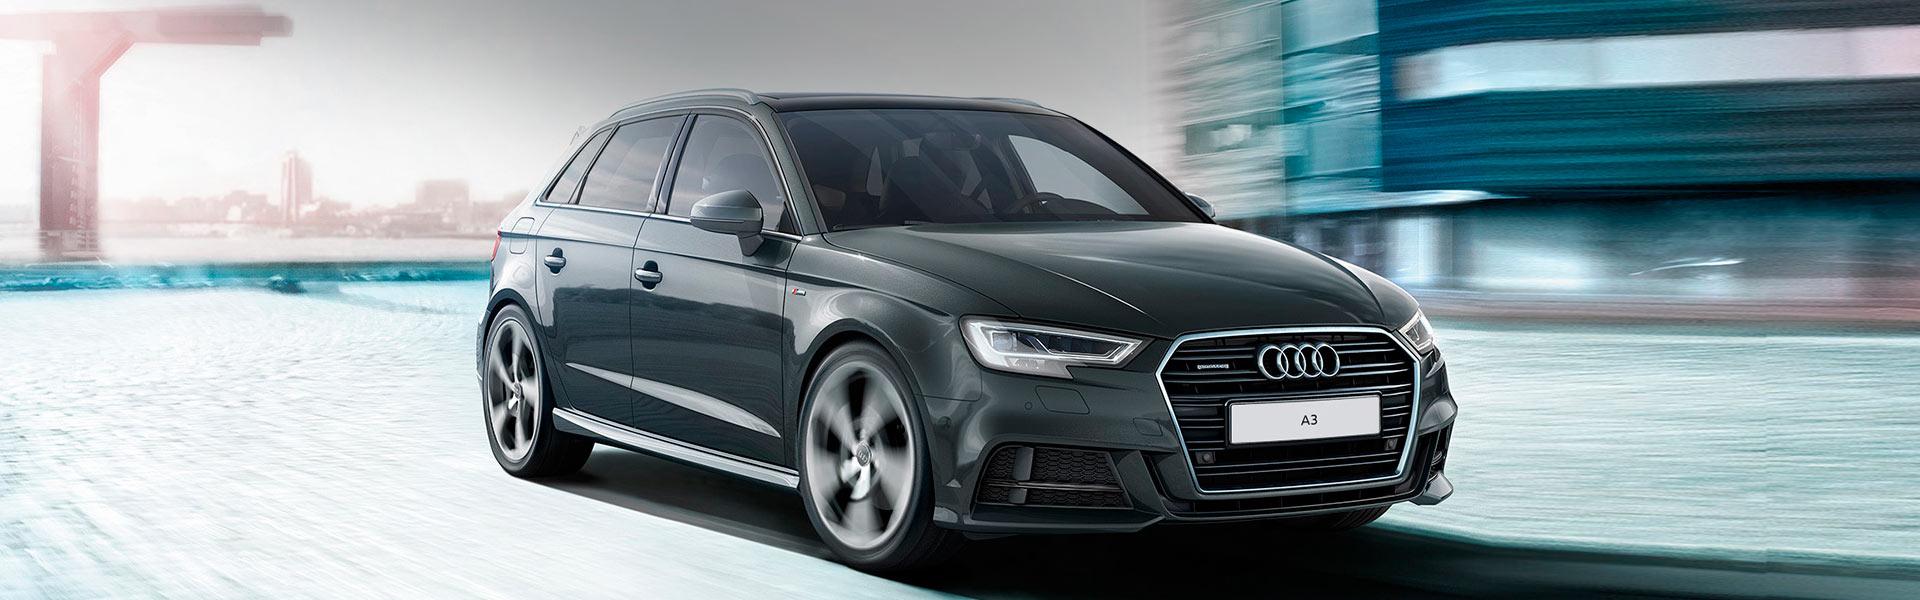 Насос водяной на Audi A3